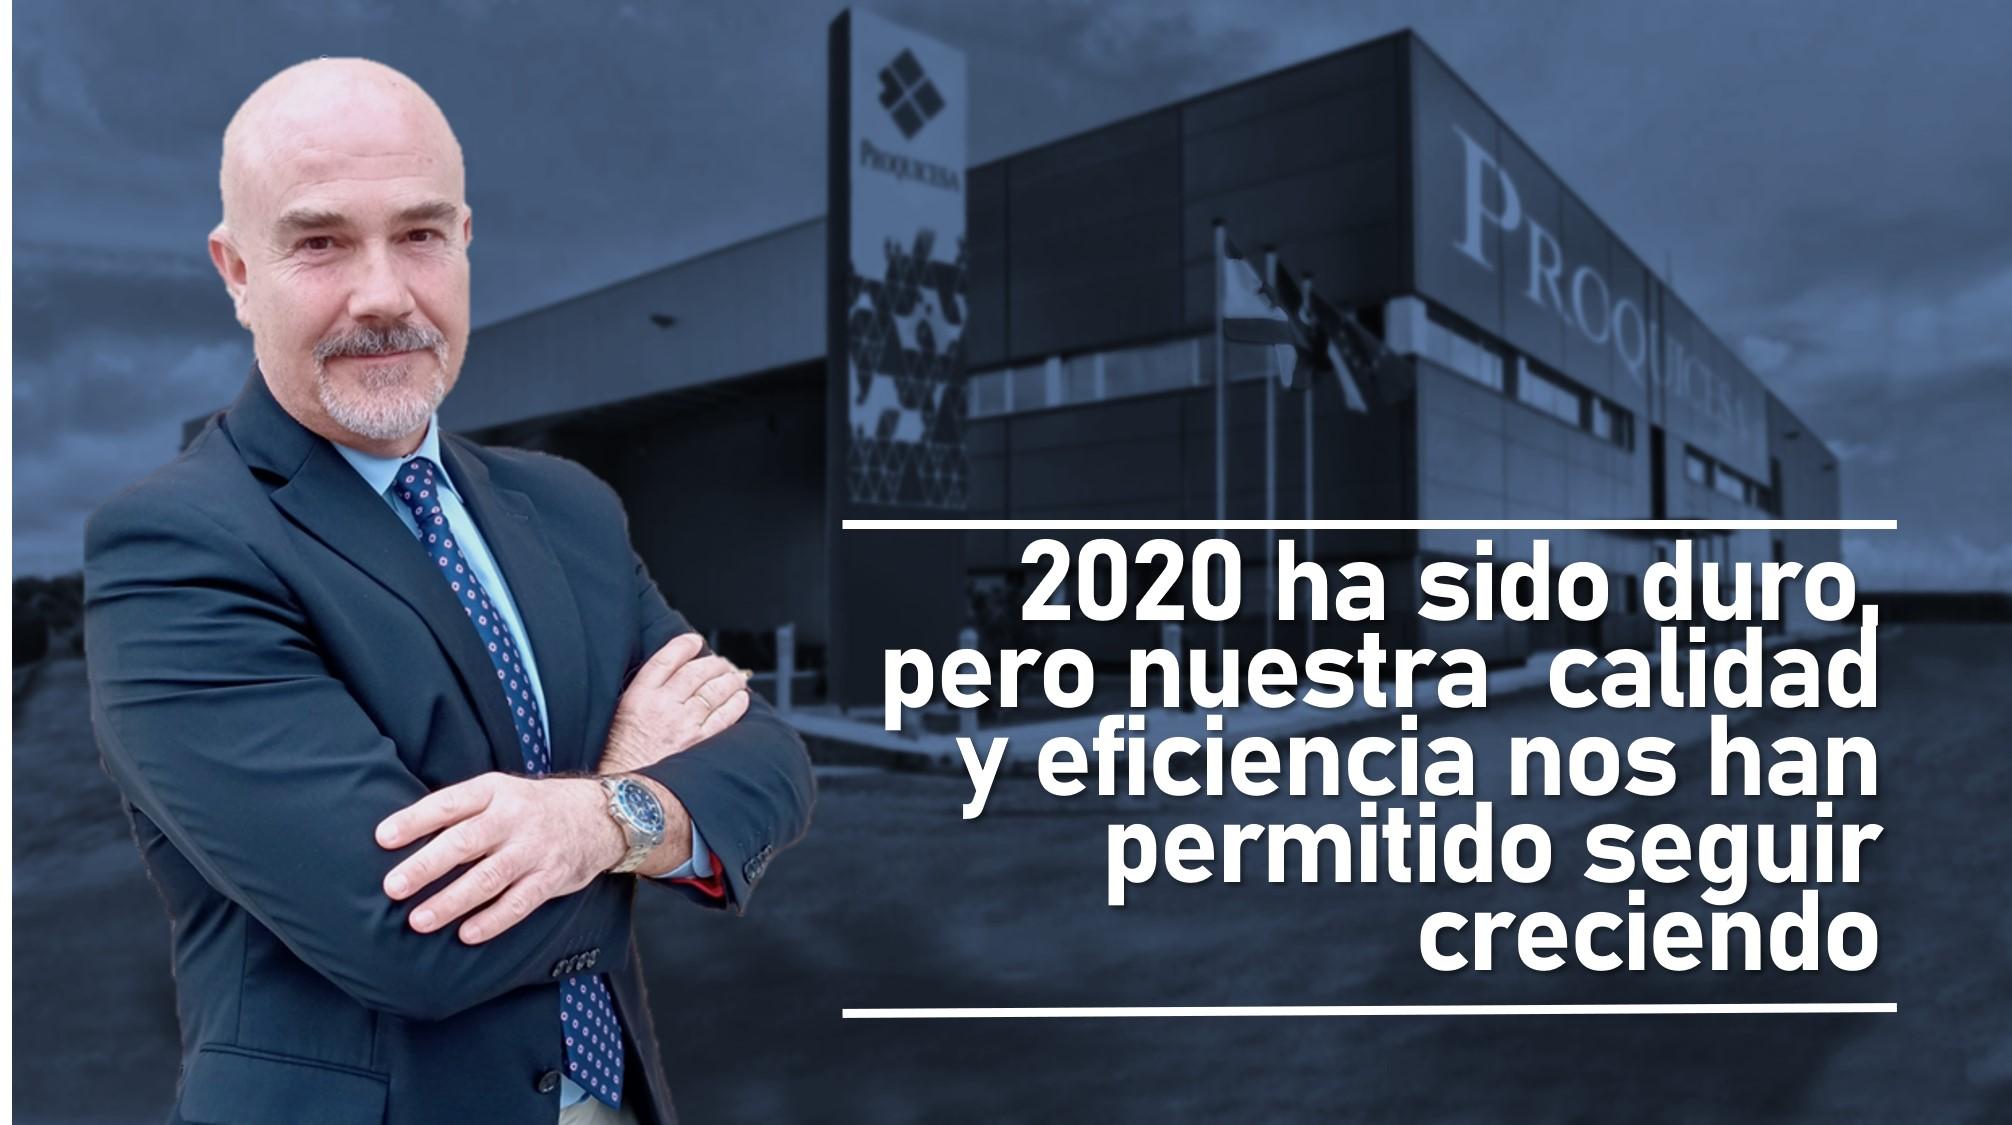 CEO presenta resultados positivos en 2020 pese al COVID